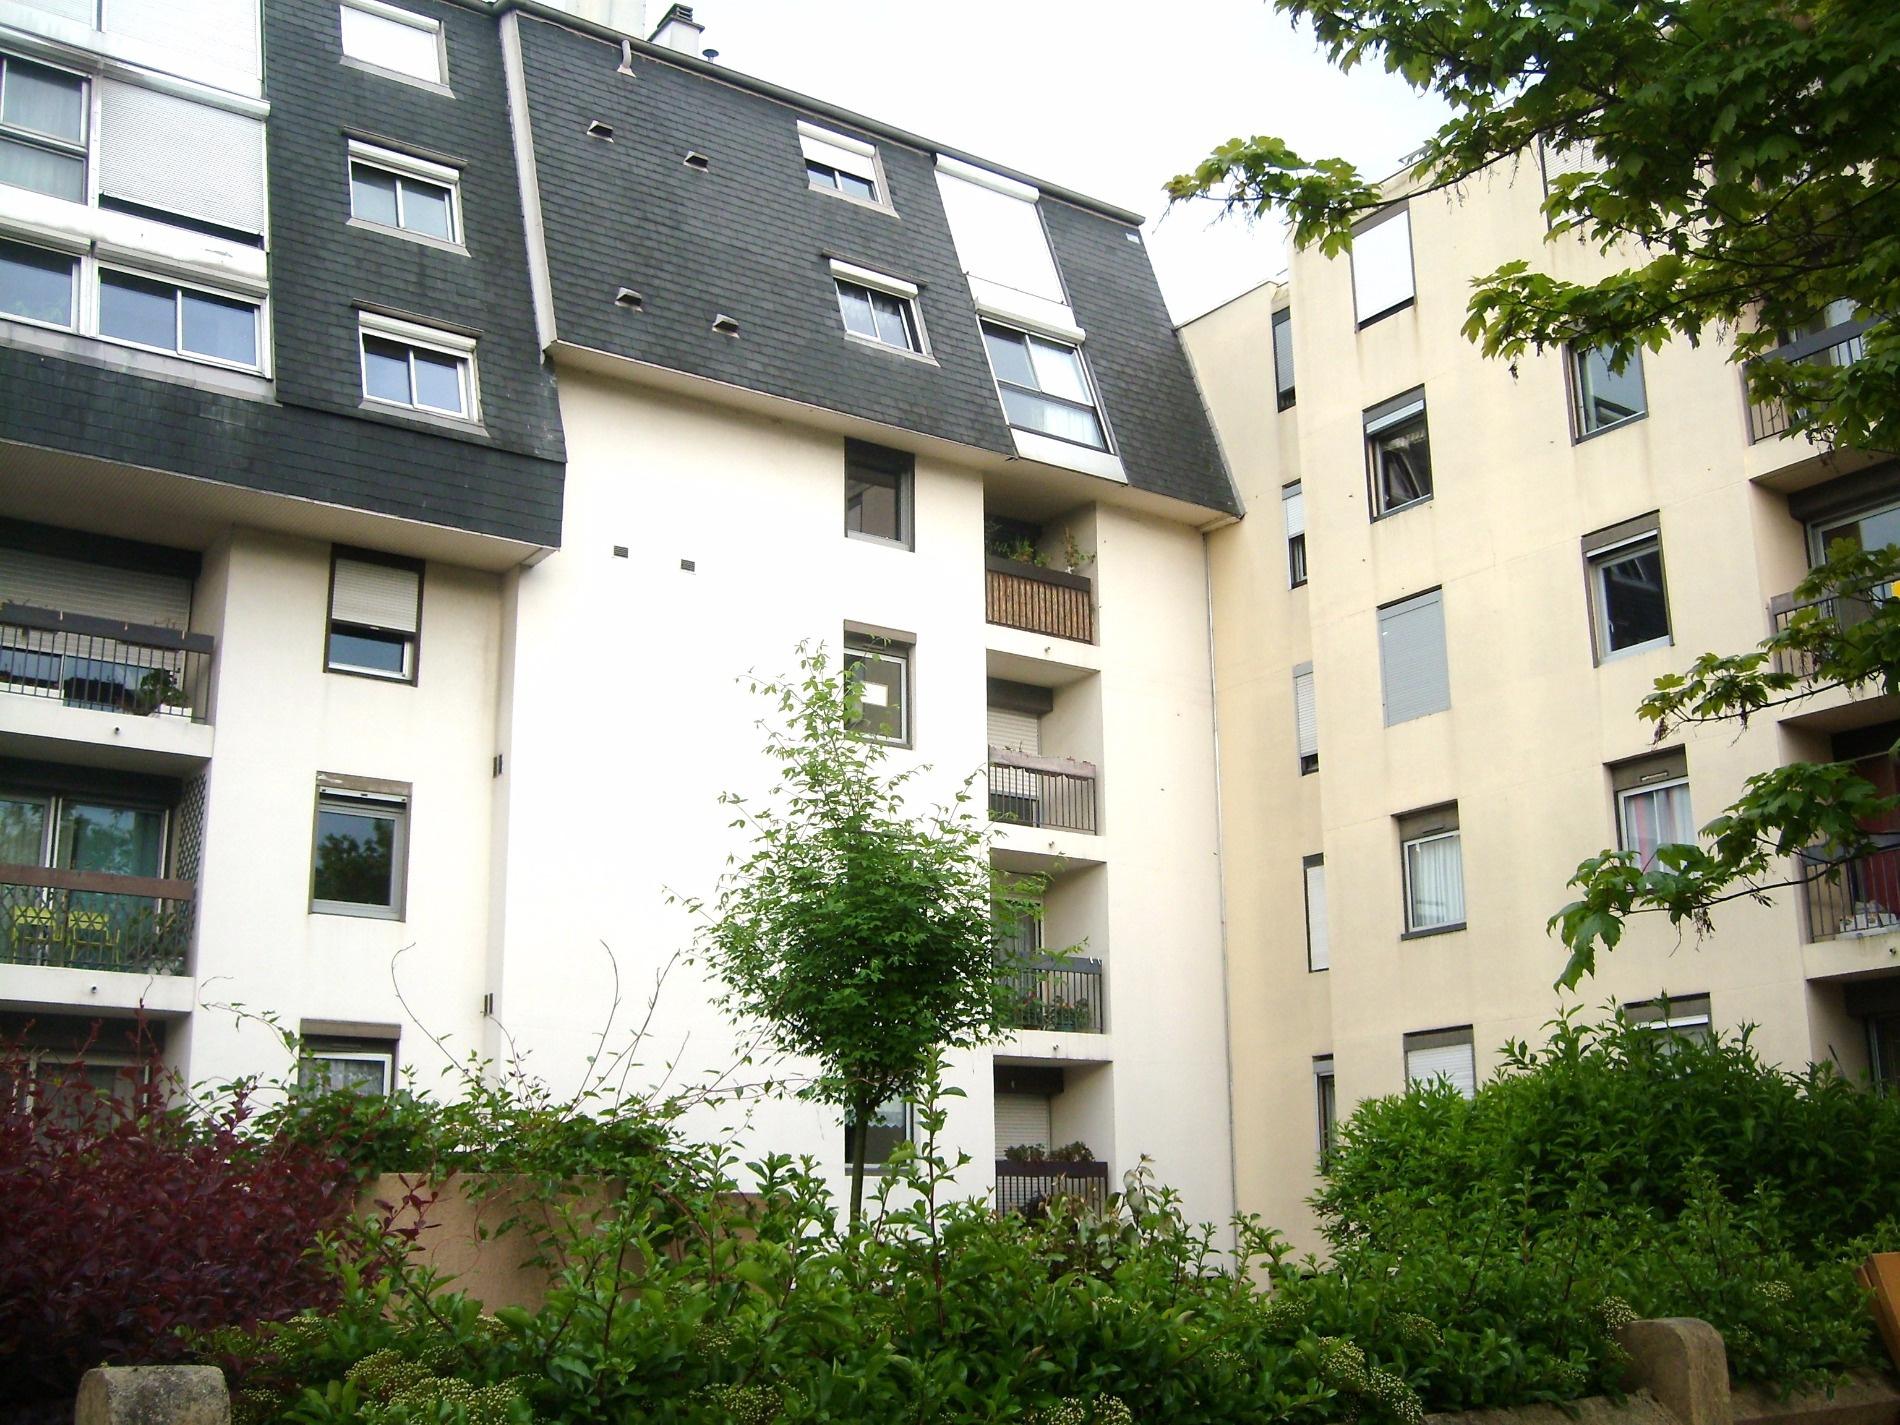 Annonce vente appartement cr teil 94000 93 m 339 000 for Annonce vente appartement